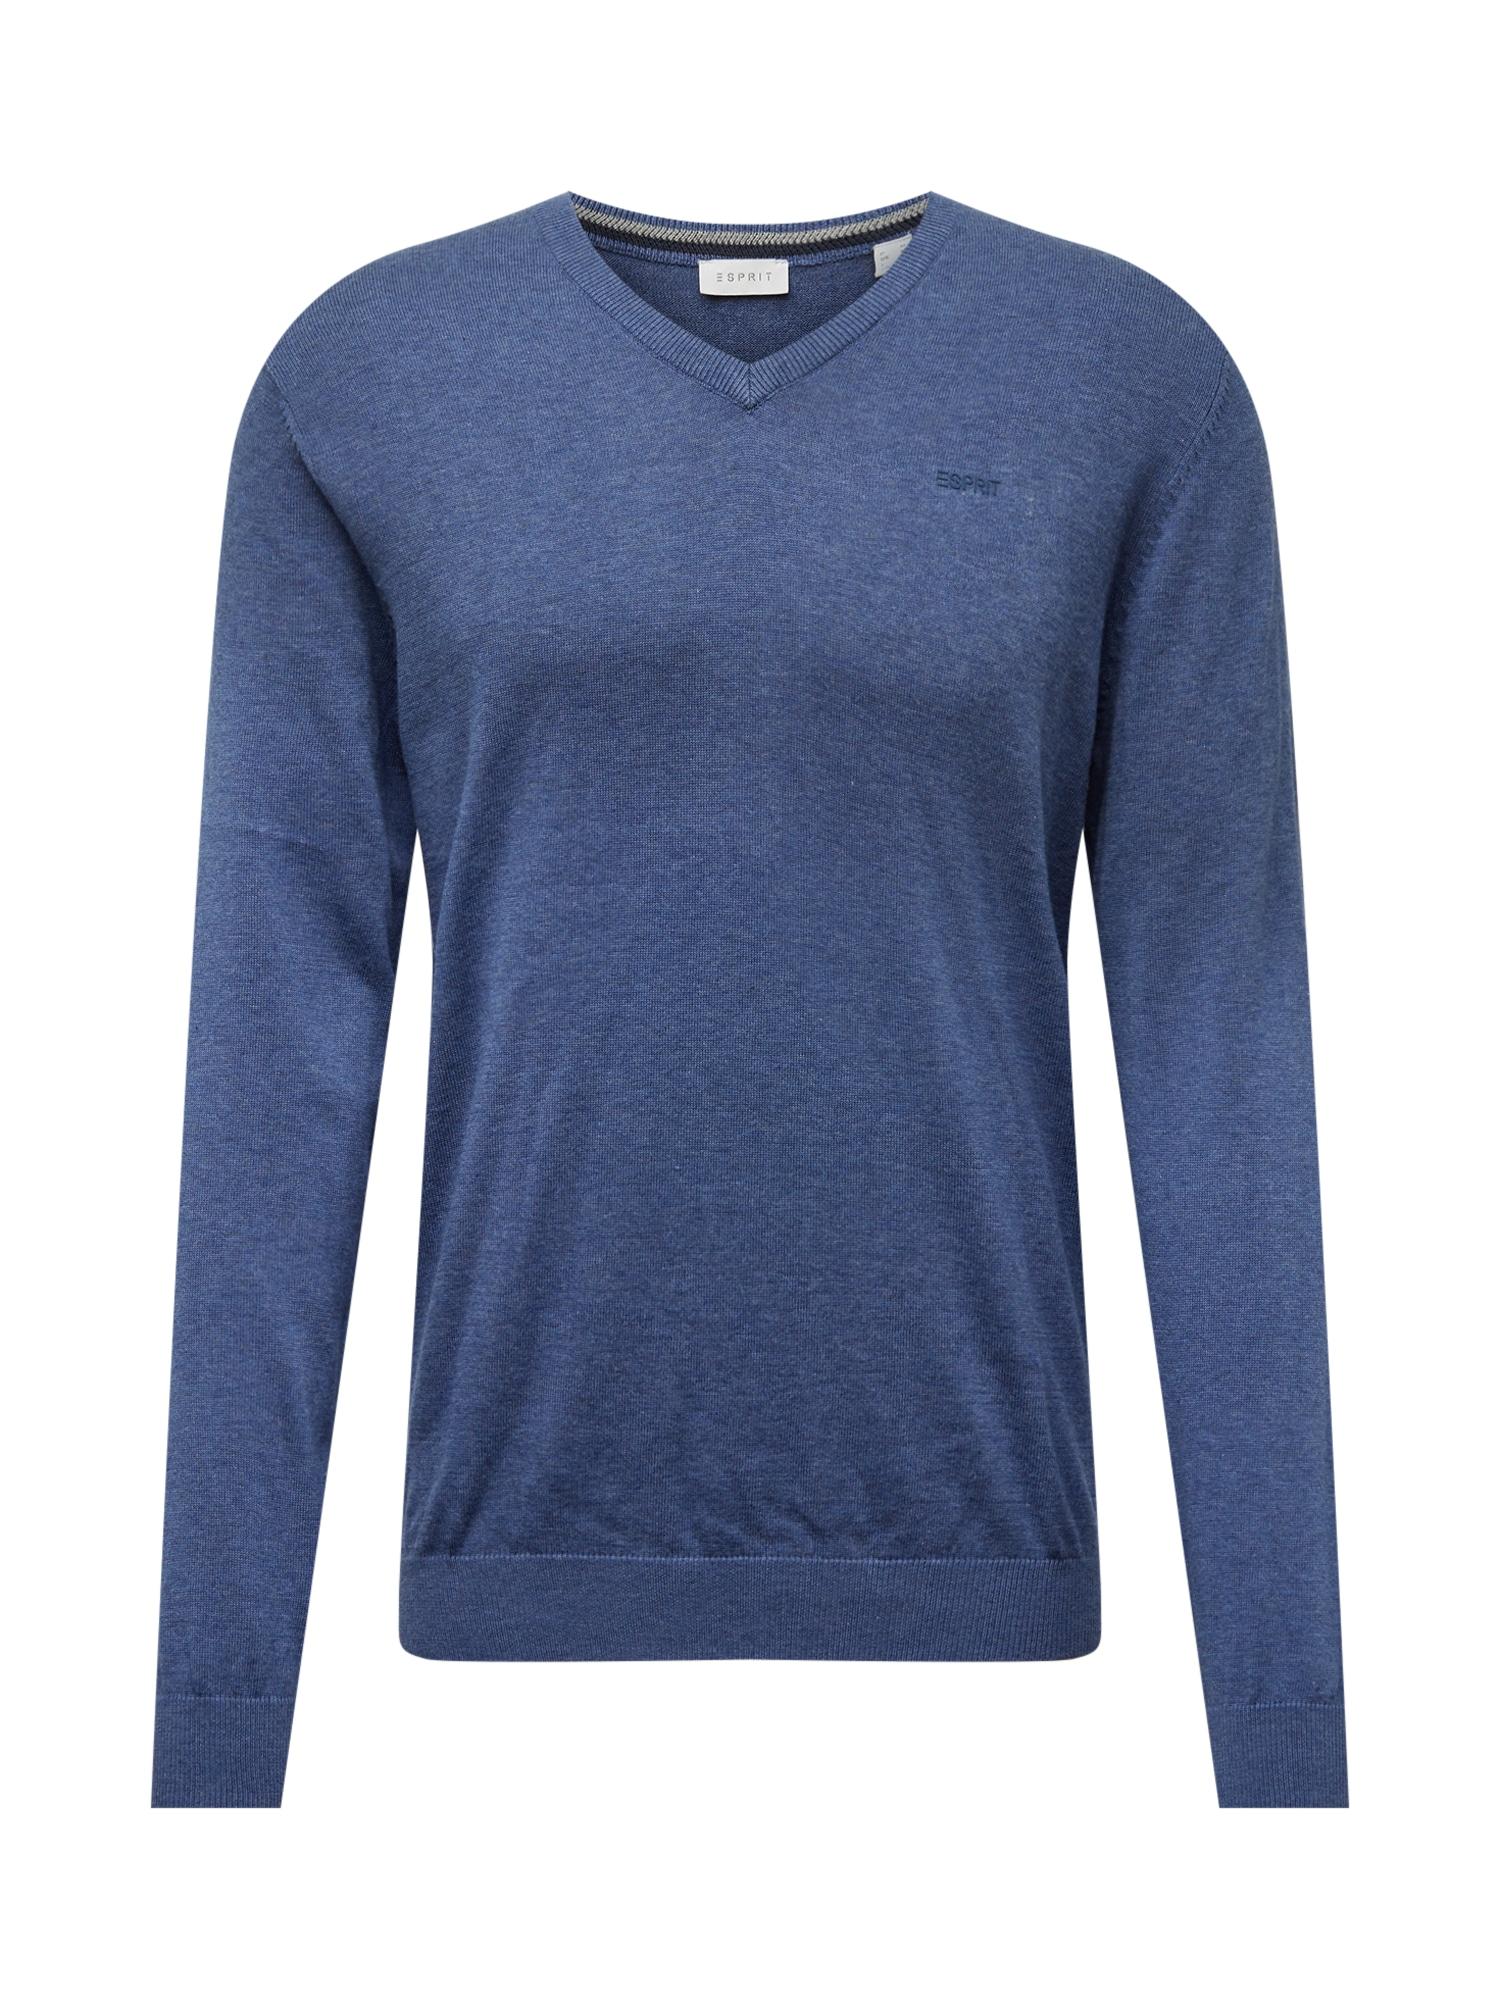 ESPRIT Megztinis mėlyna dūmų spalva